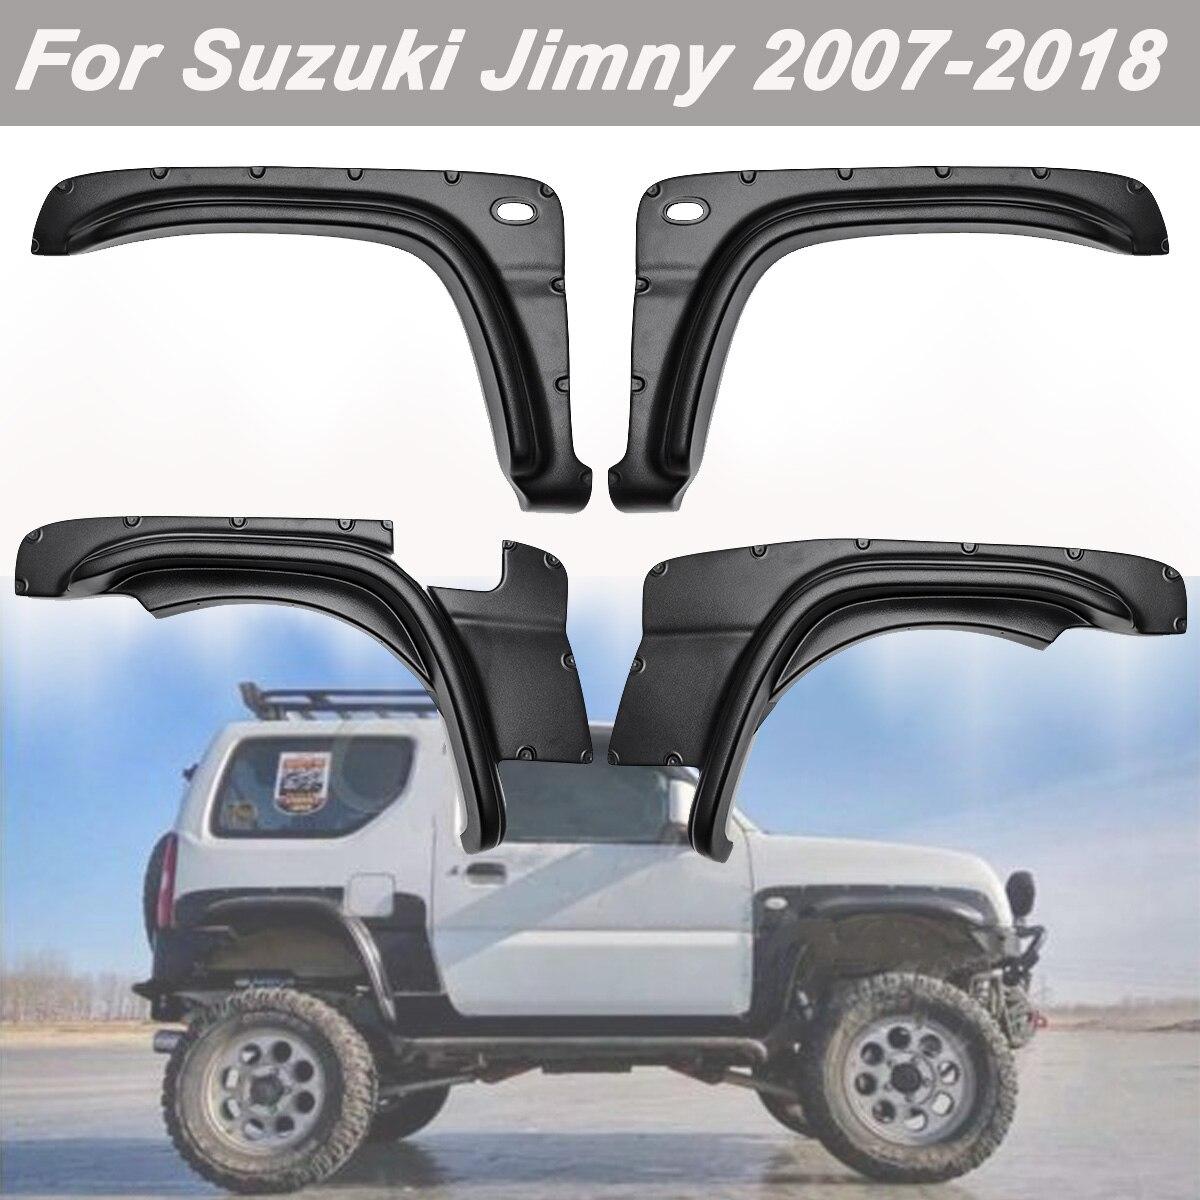 4 個車のホイールの眉毛ラウンドアークフェンダー泥フラップマッドガードスズキジムニー用 2007-2017